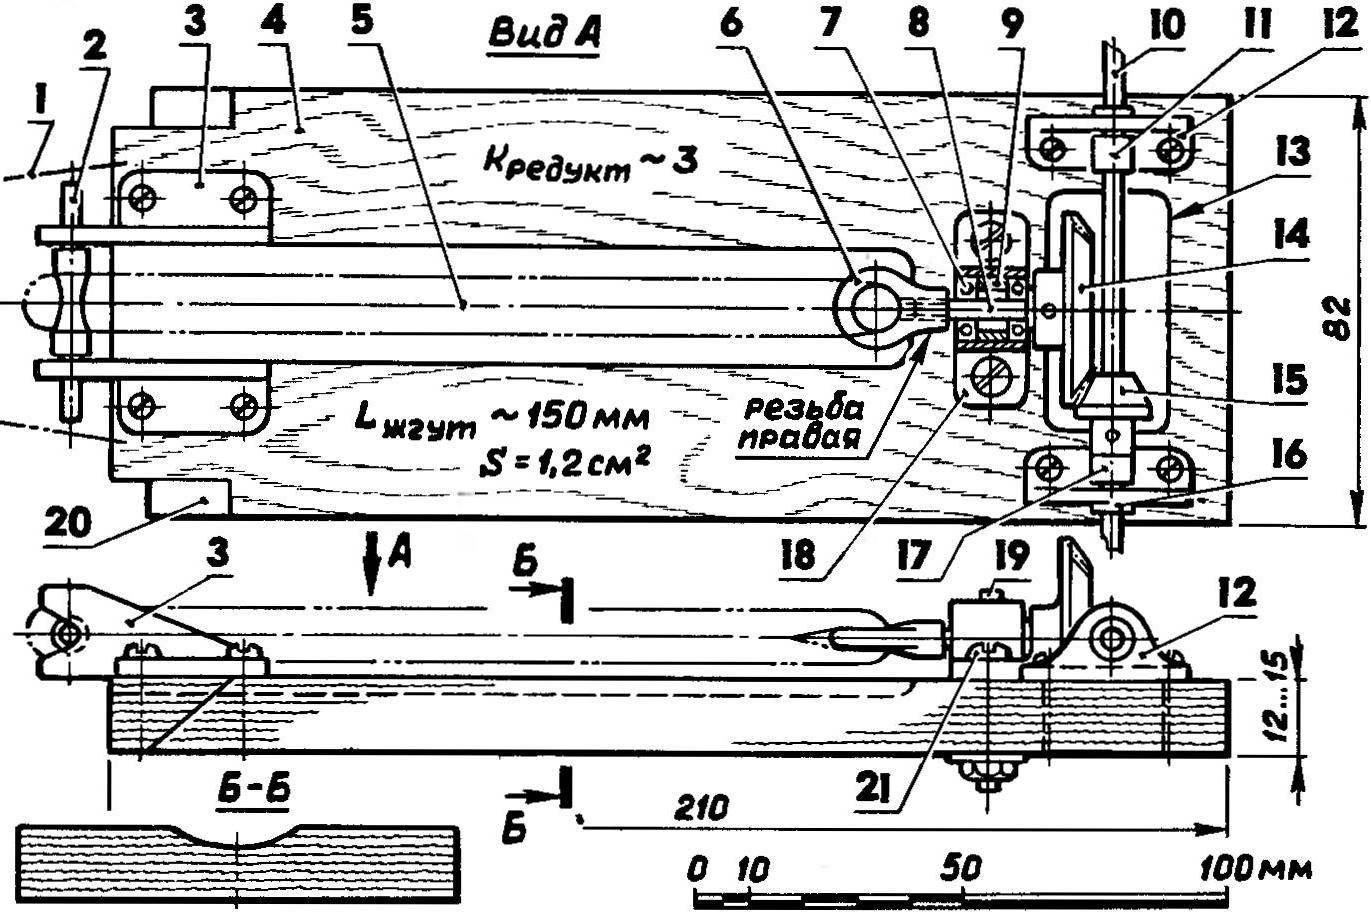 Р и с. 2. Силовая часть шасси с одним жгутом резиномотора